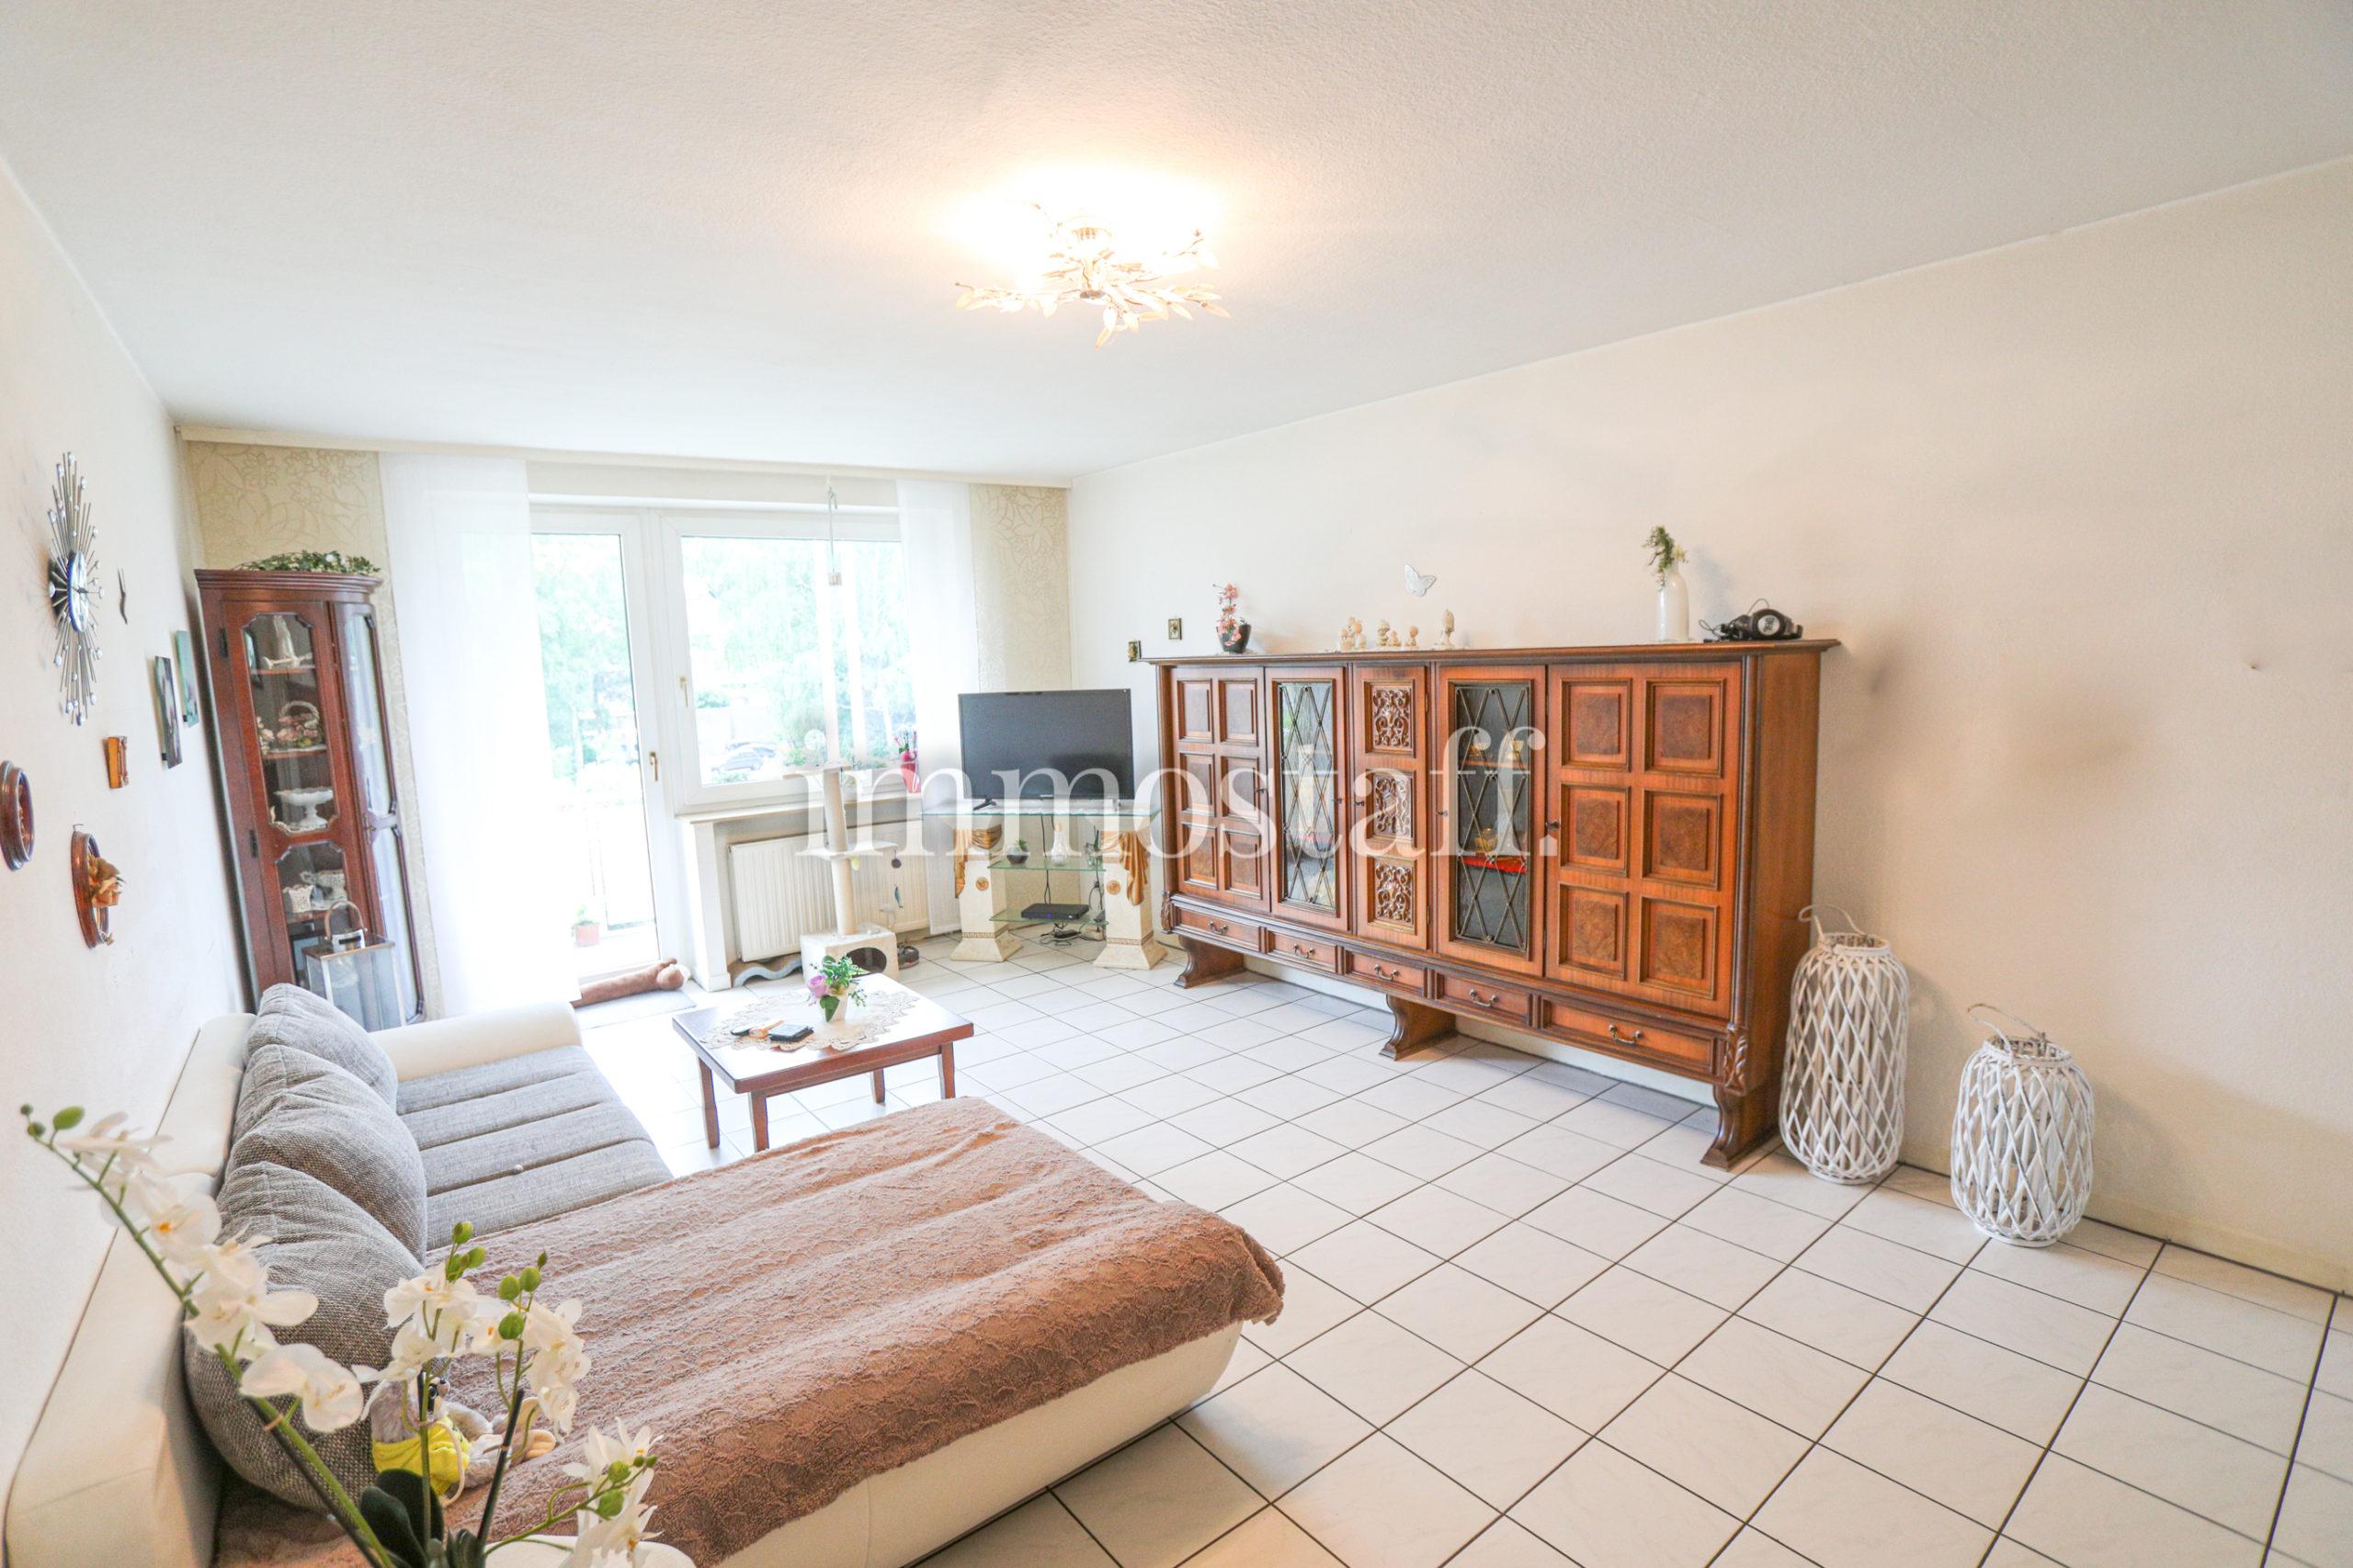 EIGENTUMSWOHNUNG IN DER INNENSTADT! 83 m² mit Balkon & Einzelgarage zu verkaufen!